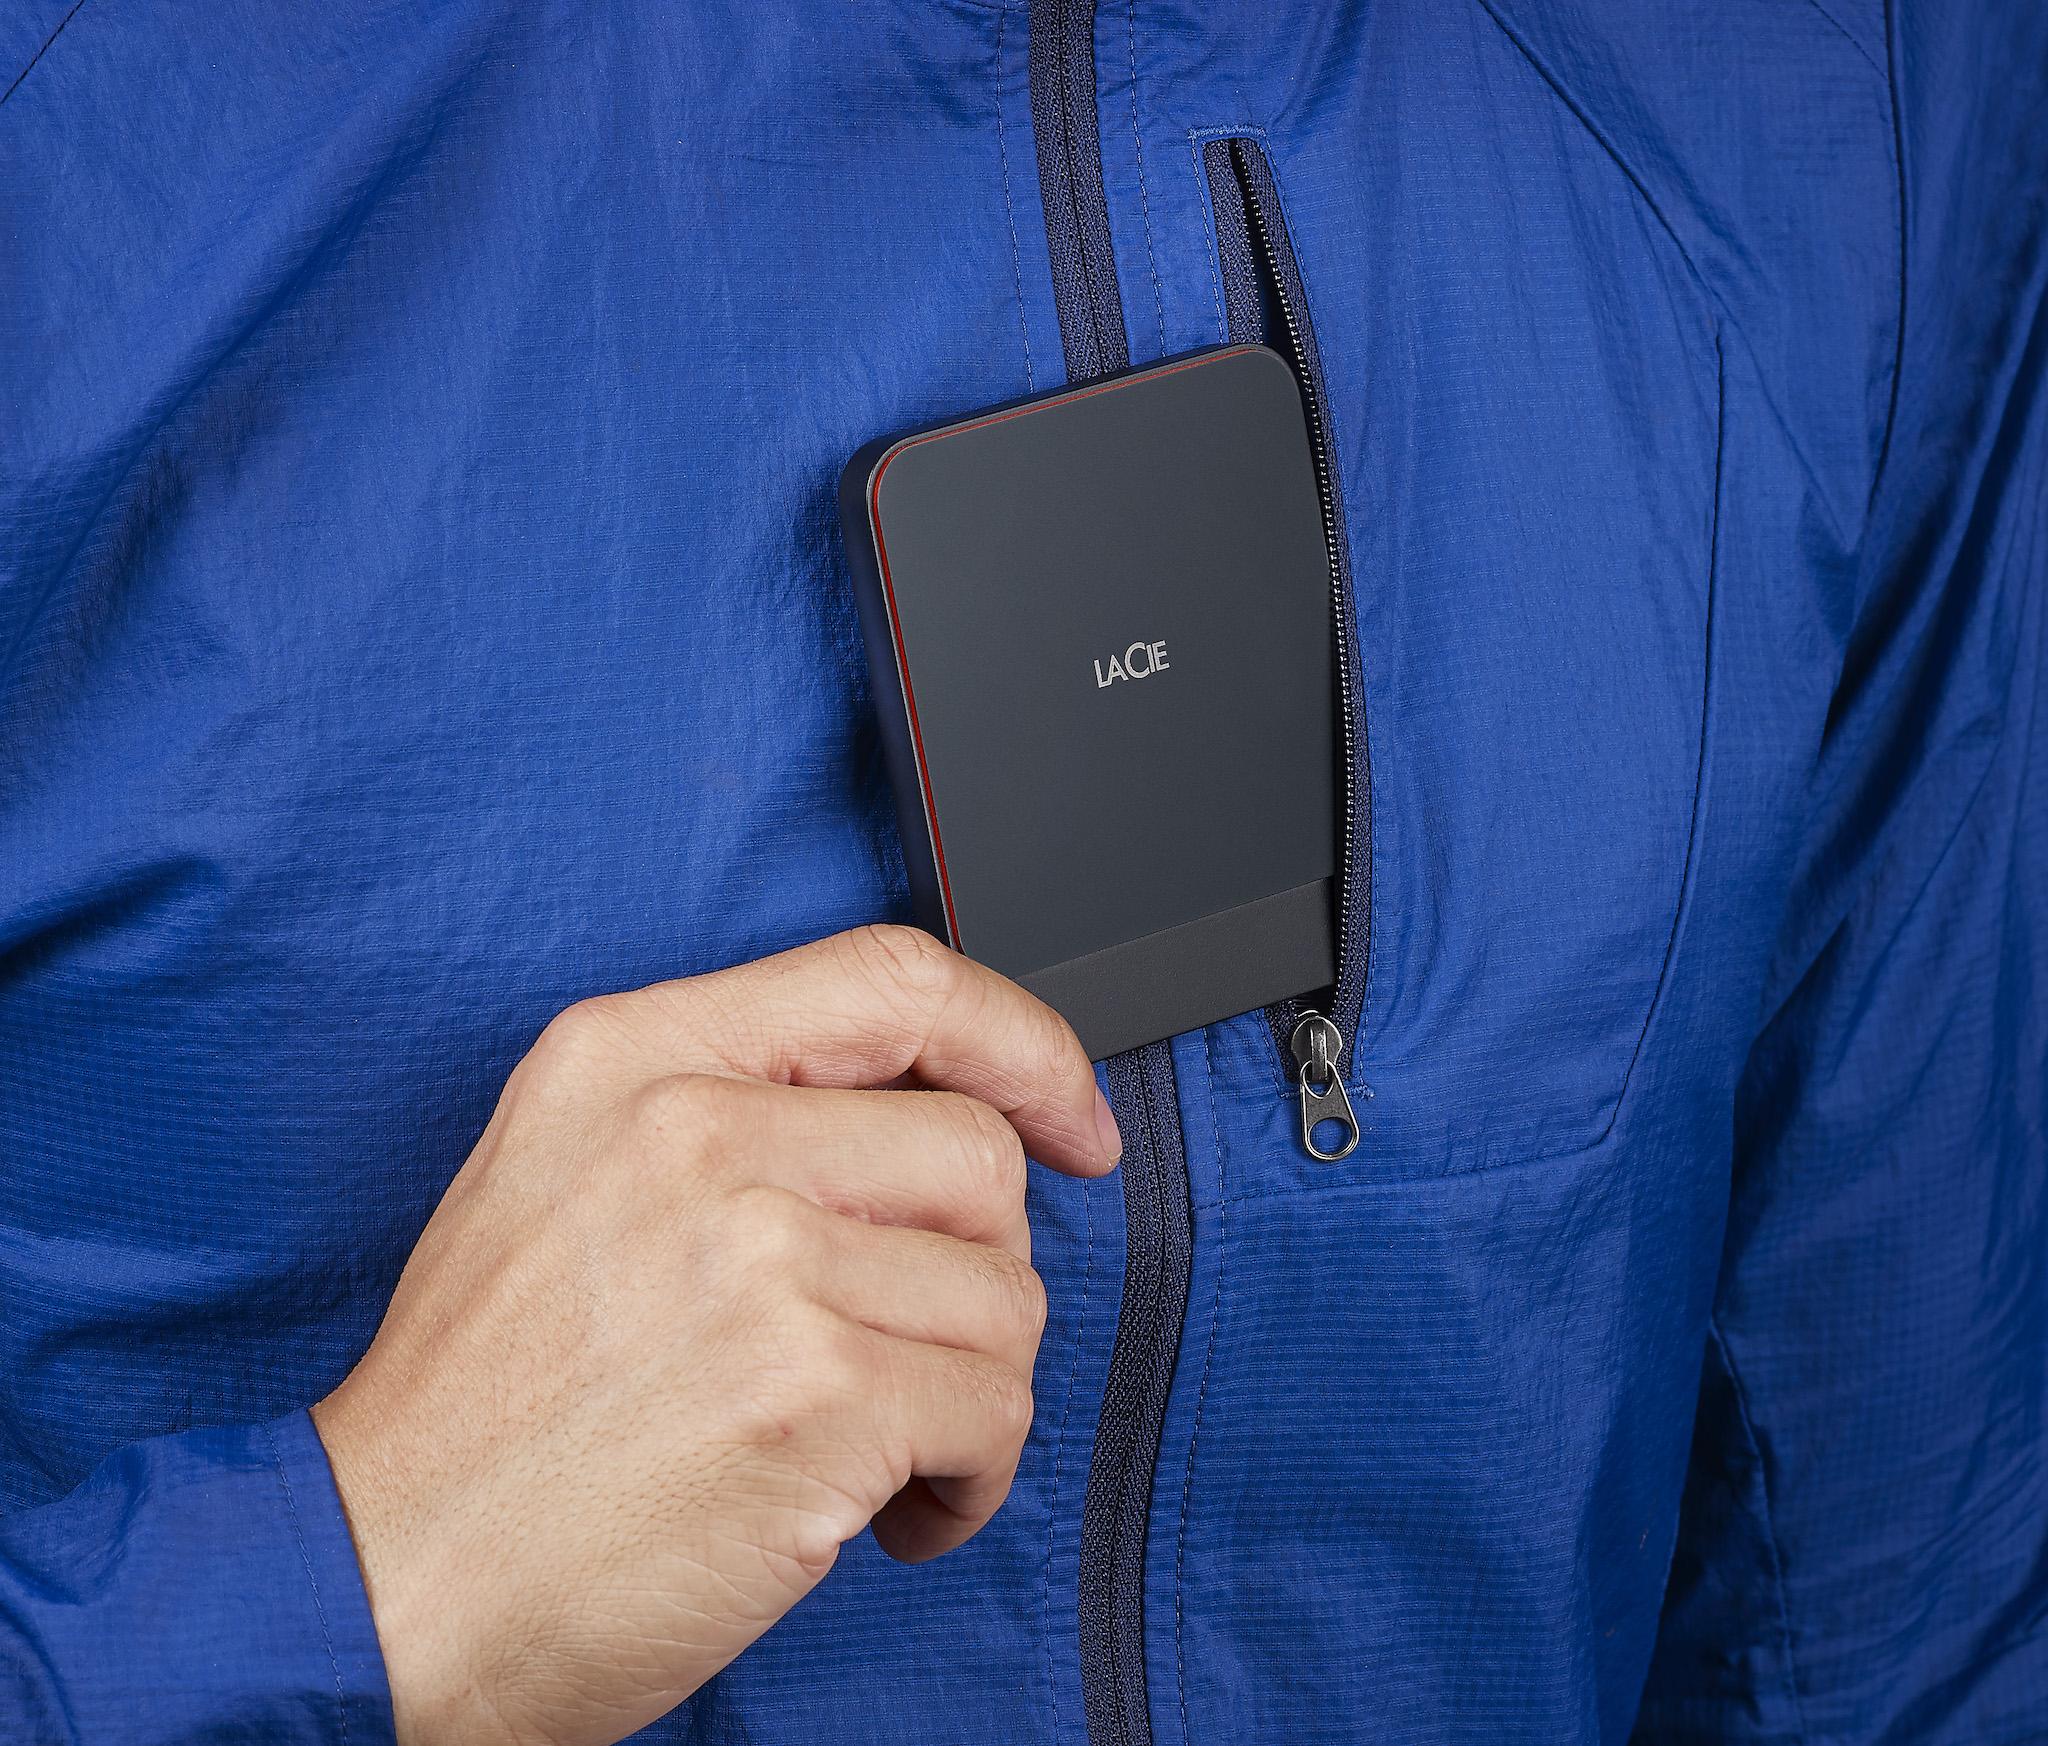 lacie-portable-ssd-slimness-hi-res-3000x3000.jpg